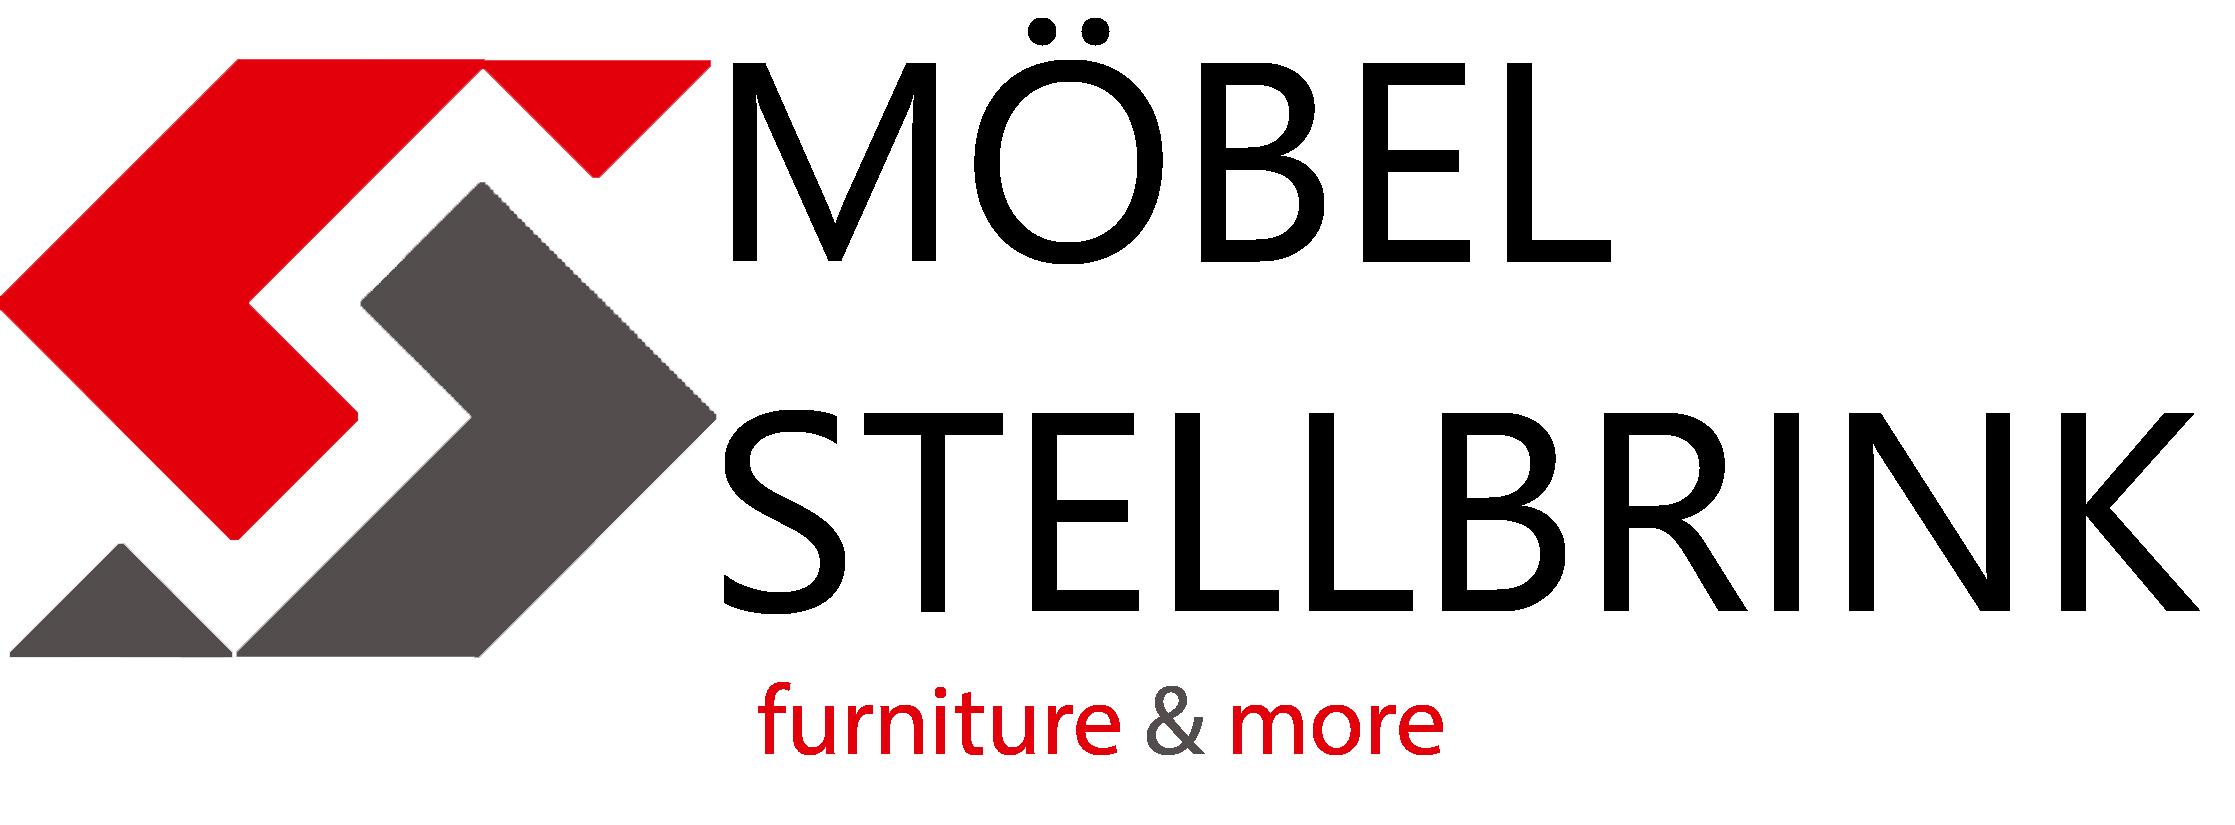 m bel lampen und accessoires einfach online kaufen m bel stellbrink. Black Bedroom Furniture Sets. Home Design Ideas